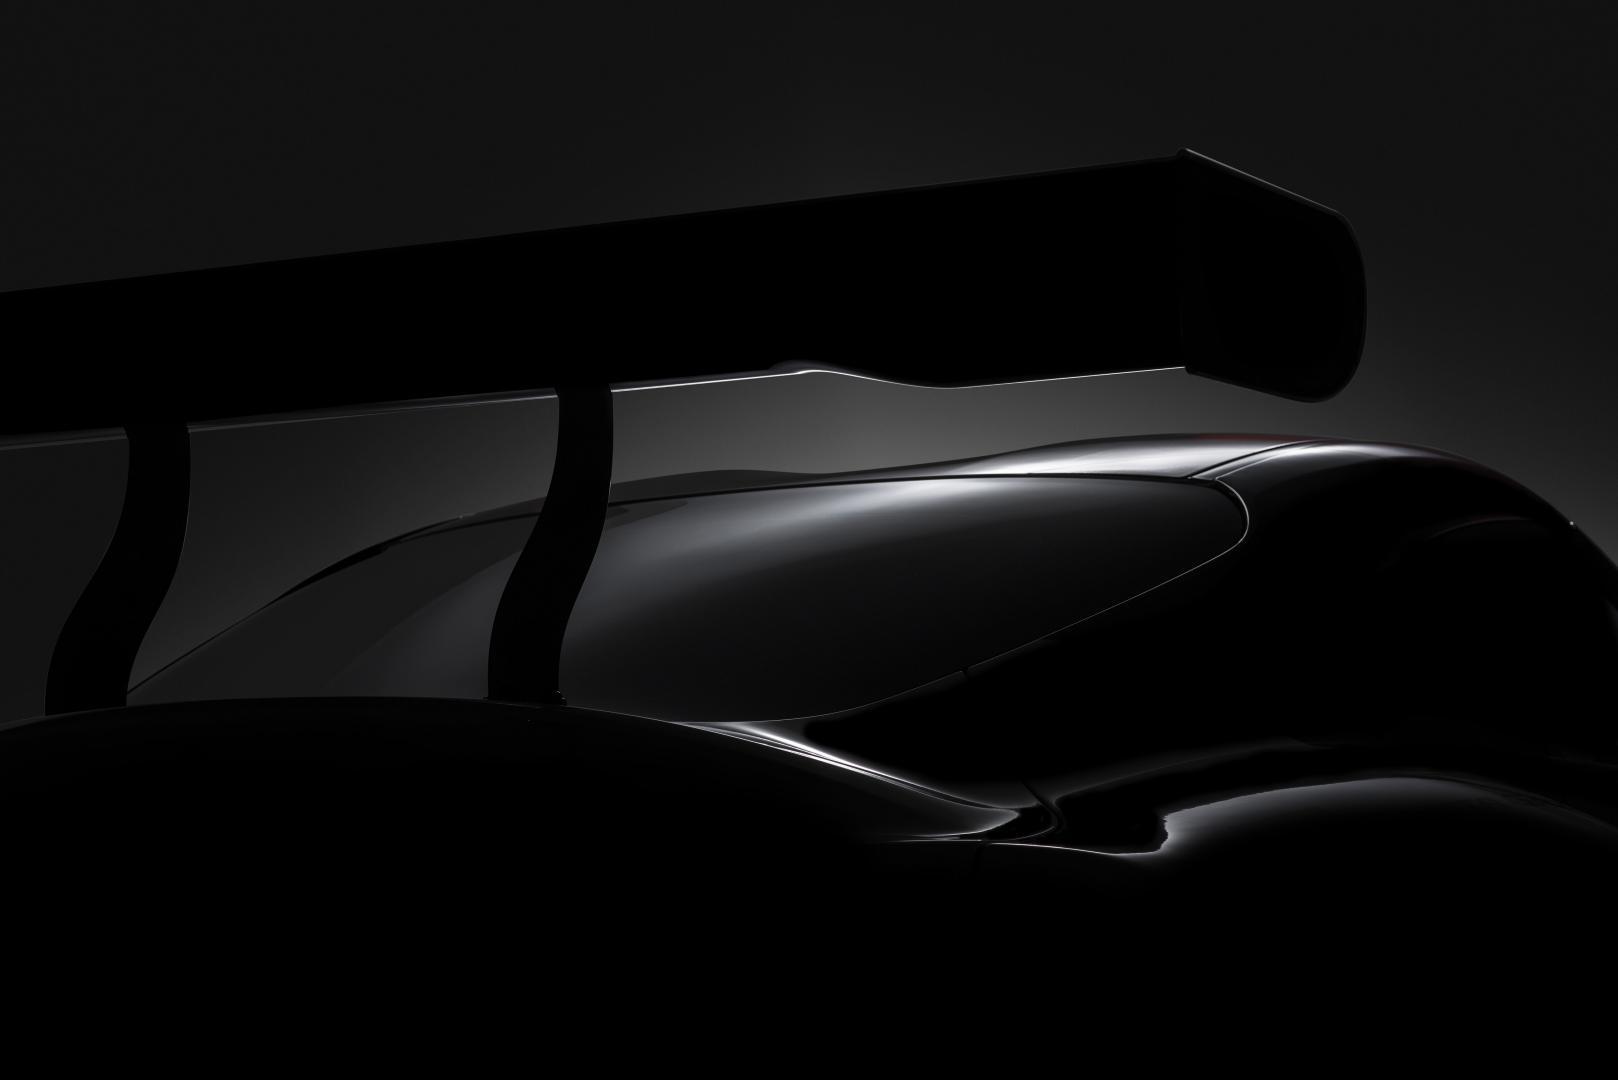 De nieuwe Toyota Supra krijgt een enorme spoiler